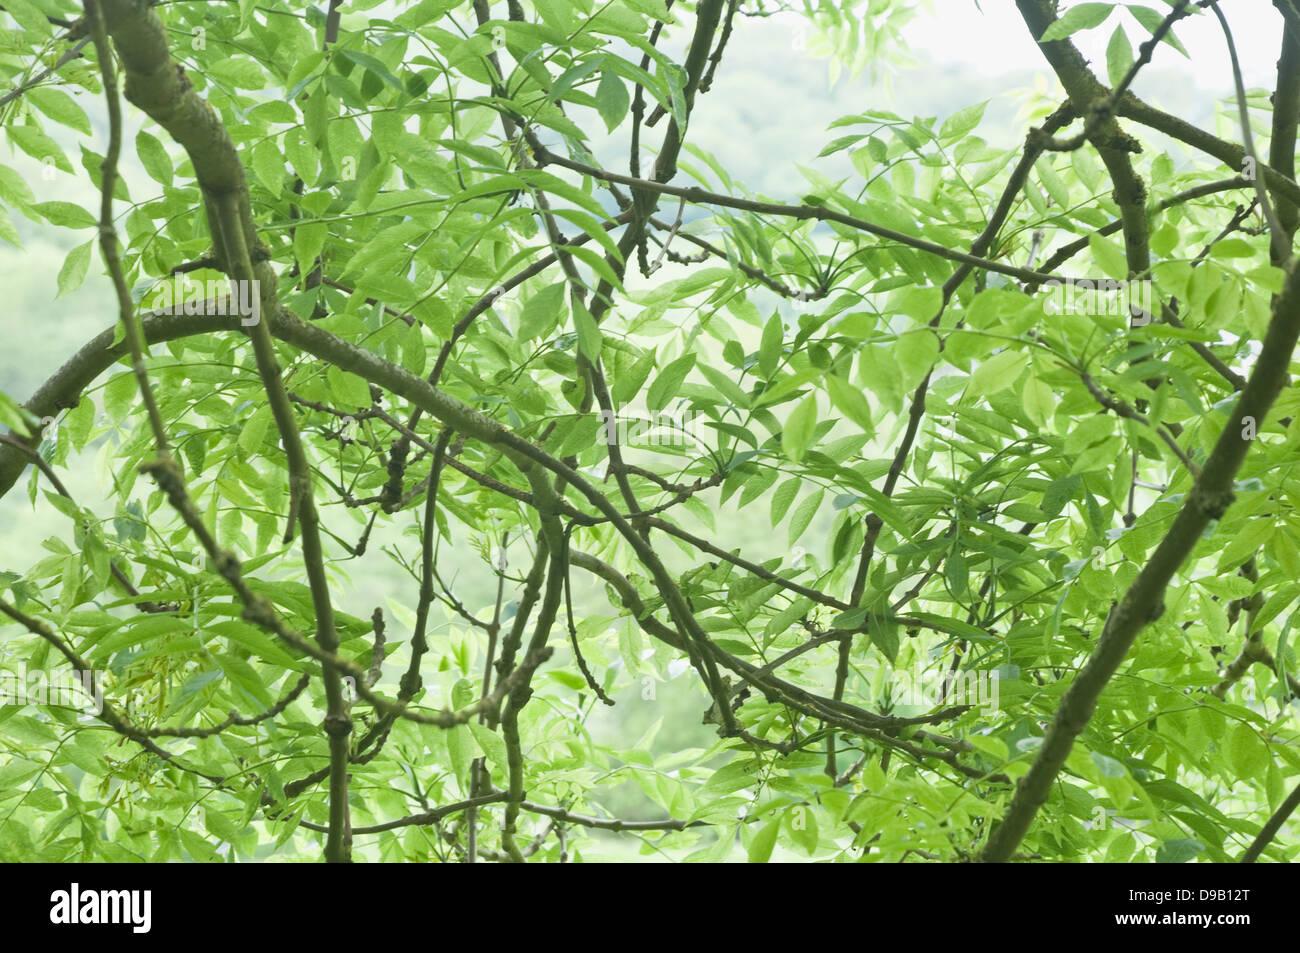 Frêne (Fraxinus excelsior) des feuilles, des brindilles et des branches. Angleterre, Royaume-Uni. Photo Stock